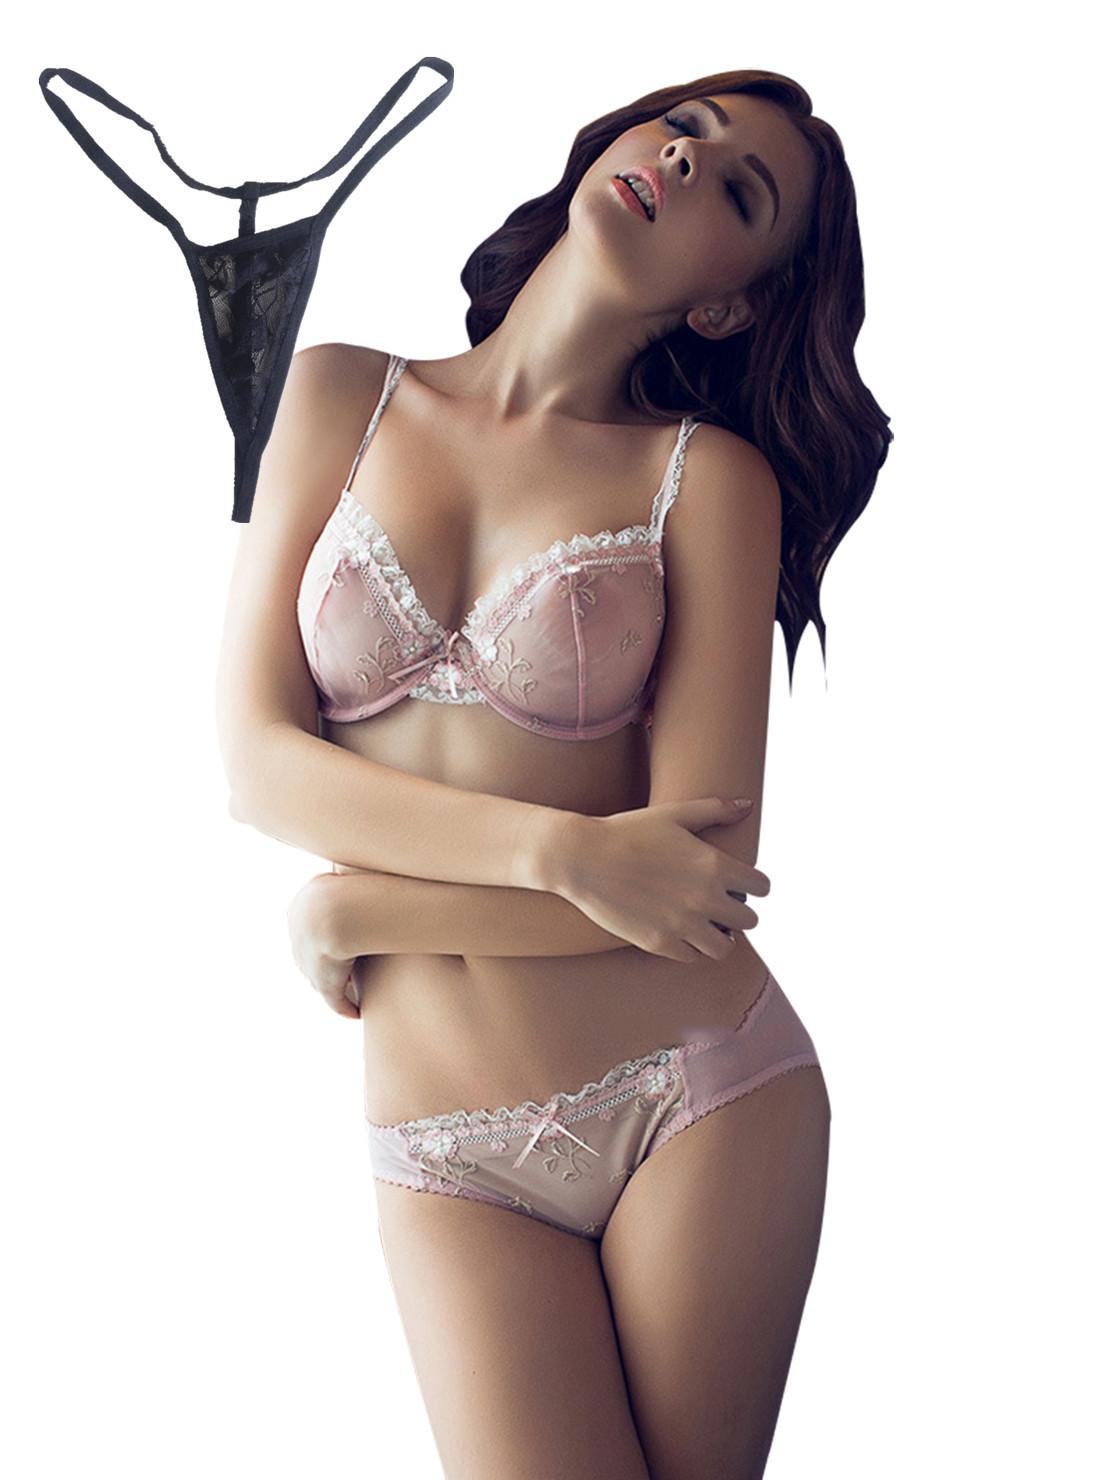 ブラ&ショーツ 下着 刺繍 花柄 透ける 3/4カップスタイル写真